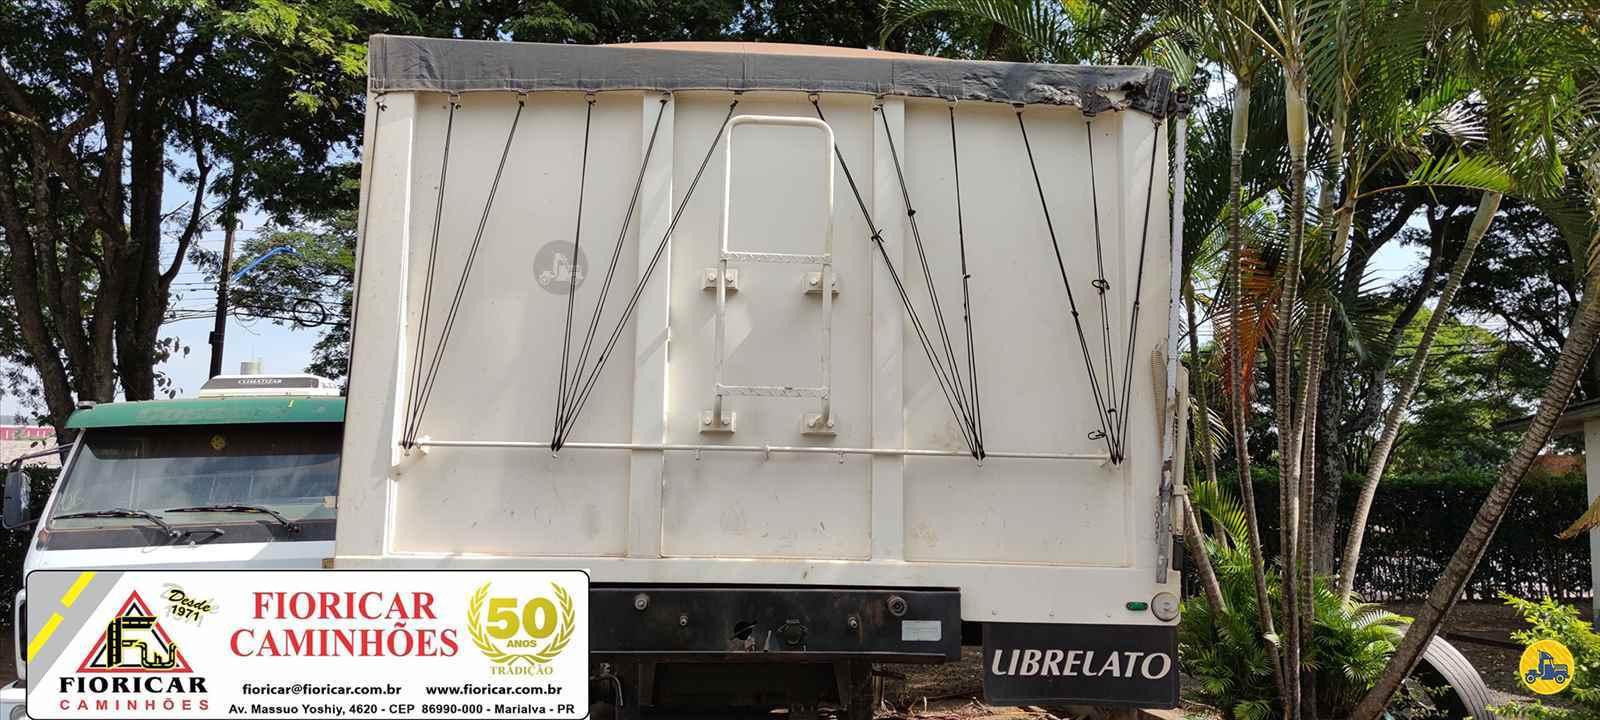 CARRETA BITREM BASCULANTE Fioricar Caminhões MARIALVA PARANÁ PR